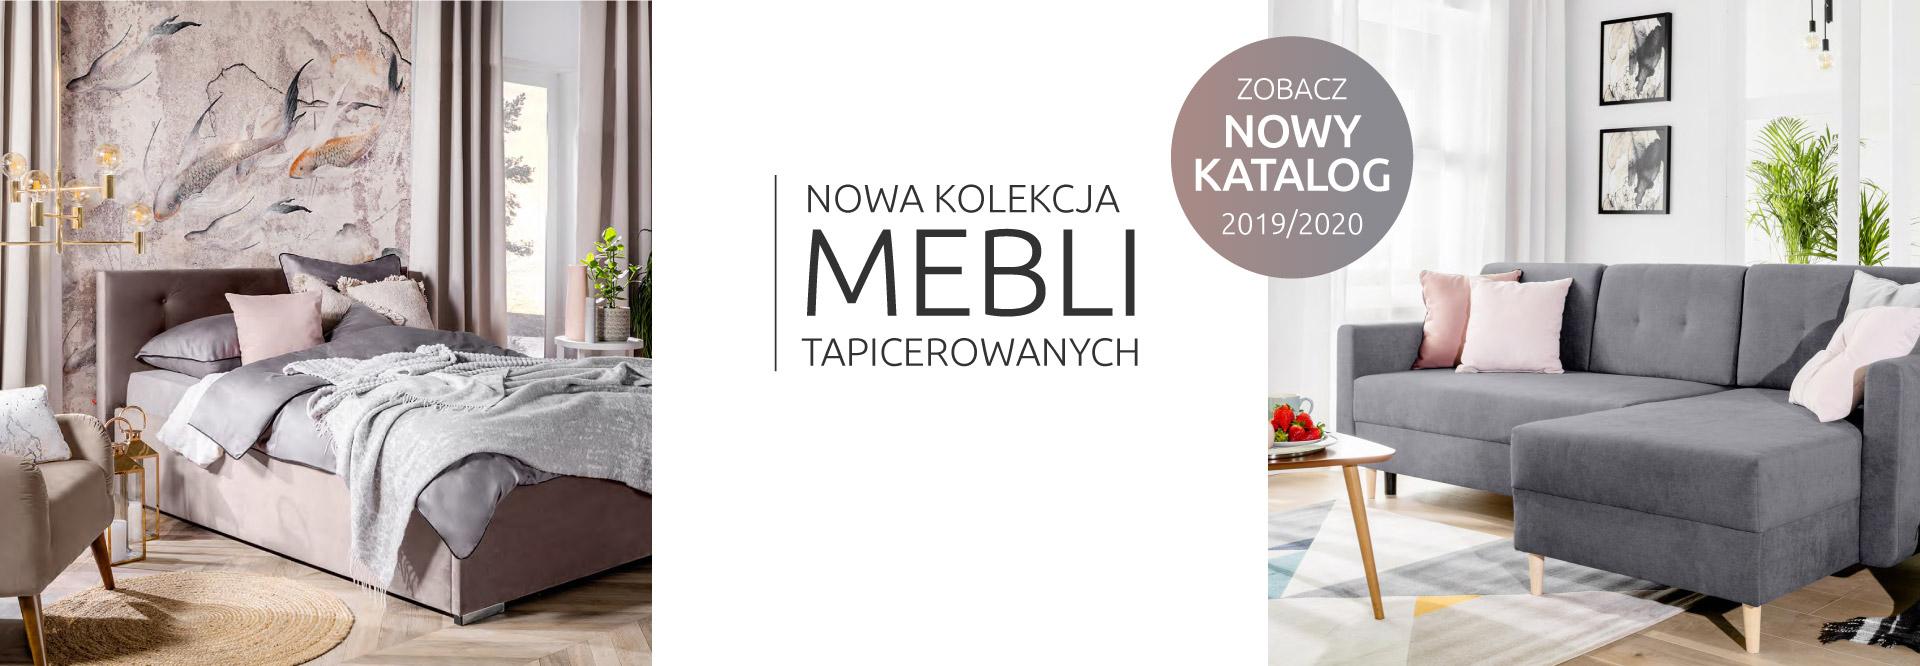 Premiera nowa kolekcja mebli tapicerowanych